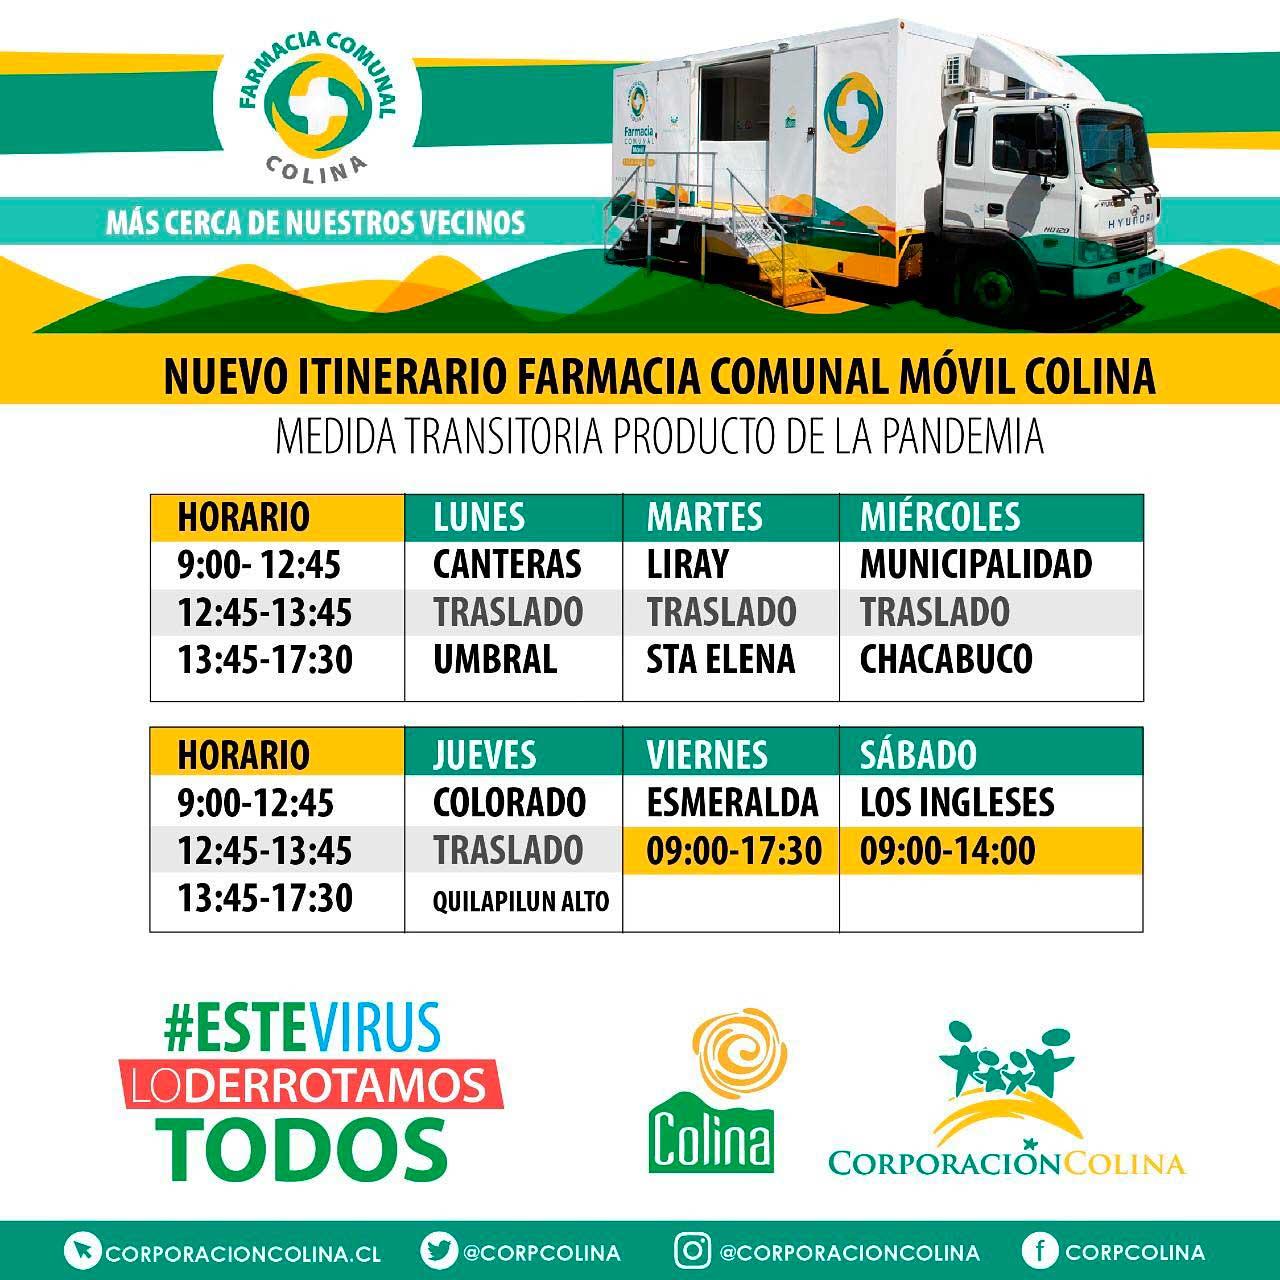 Itinerario Farmacia Comunal Movil Corporación Colina